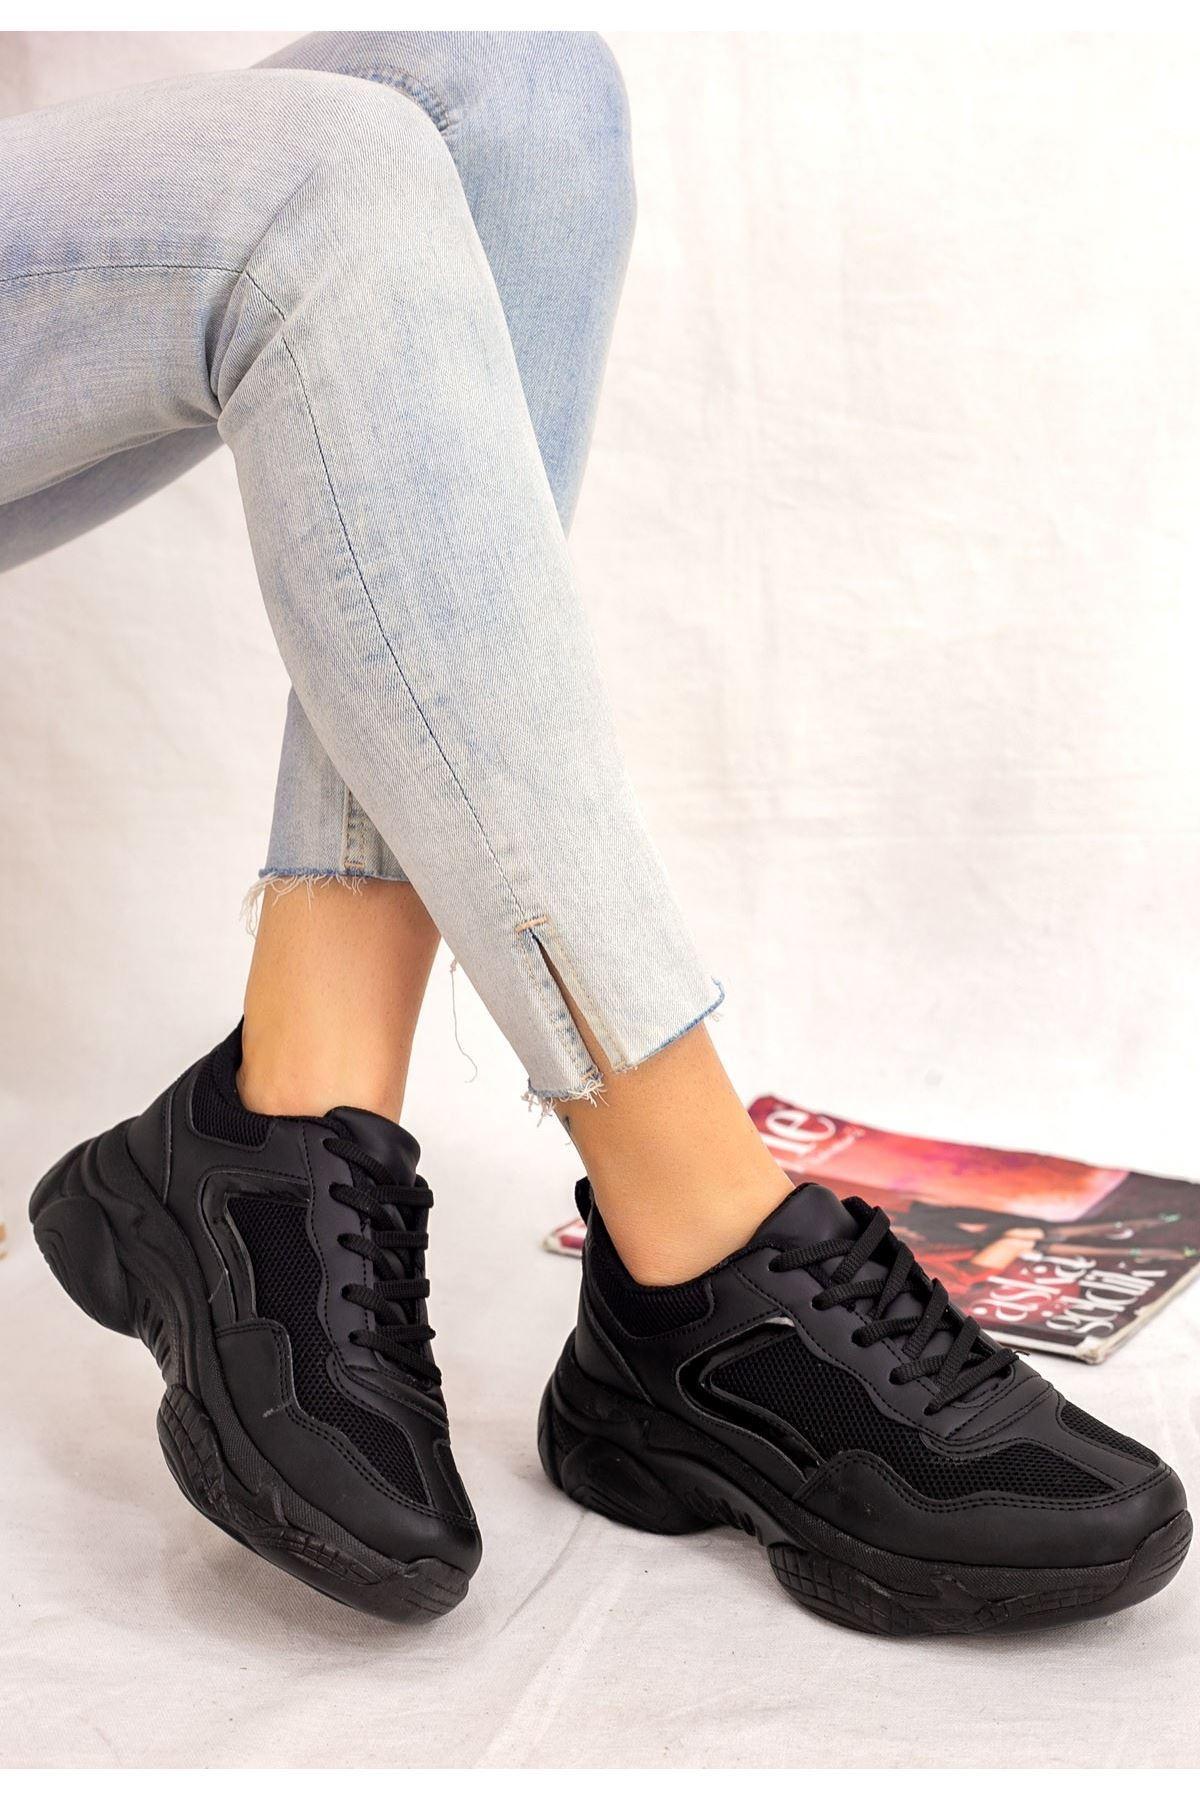 Jomox Siyah Cilt Spor Ayakkabı